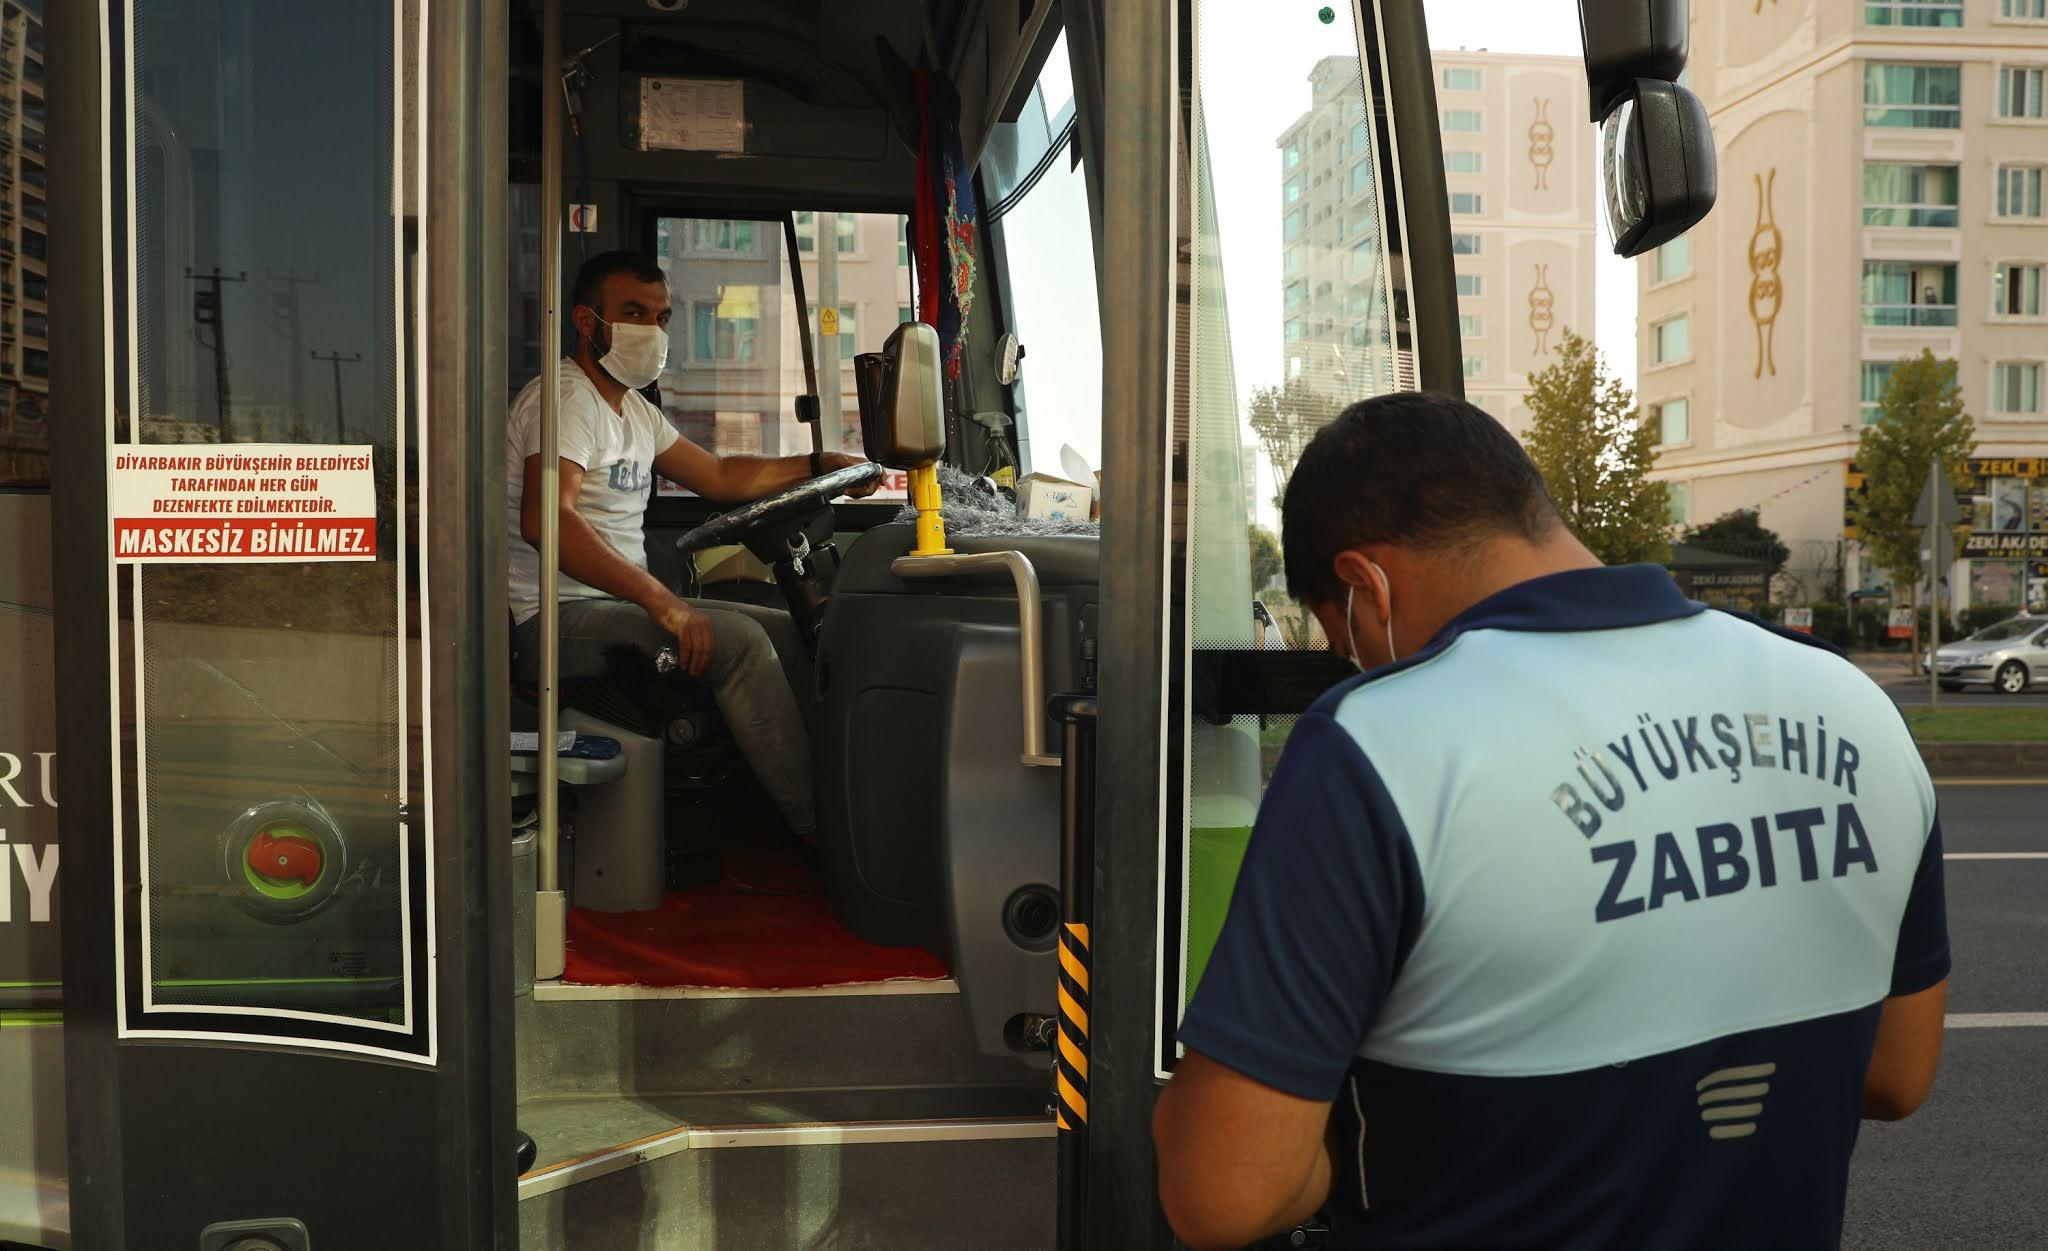 Diyarbakır Büyükşehir Belediyesi Koronavirüs denetimlerini sürdürüyor